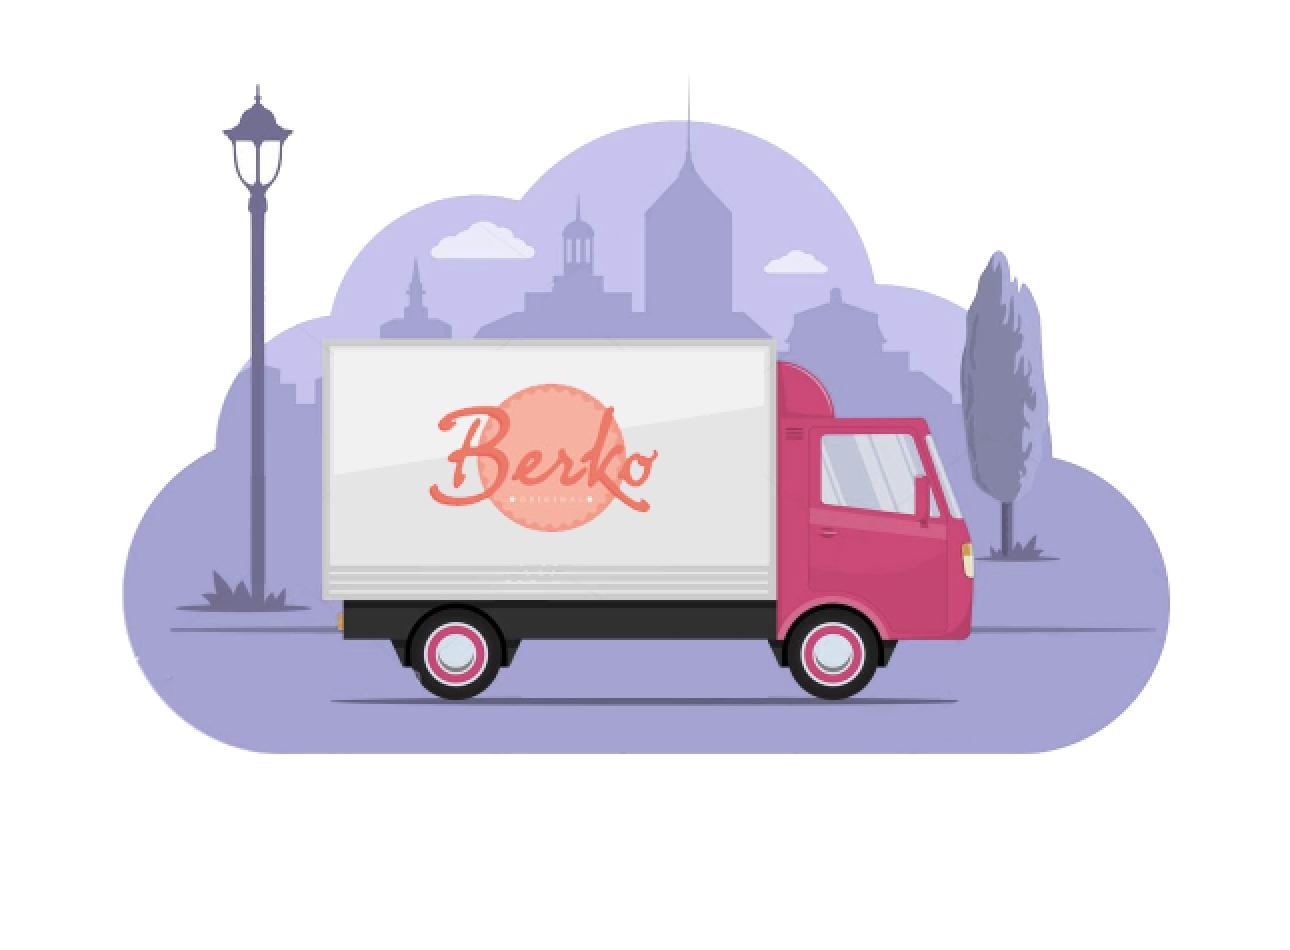 camion-livraison-berko